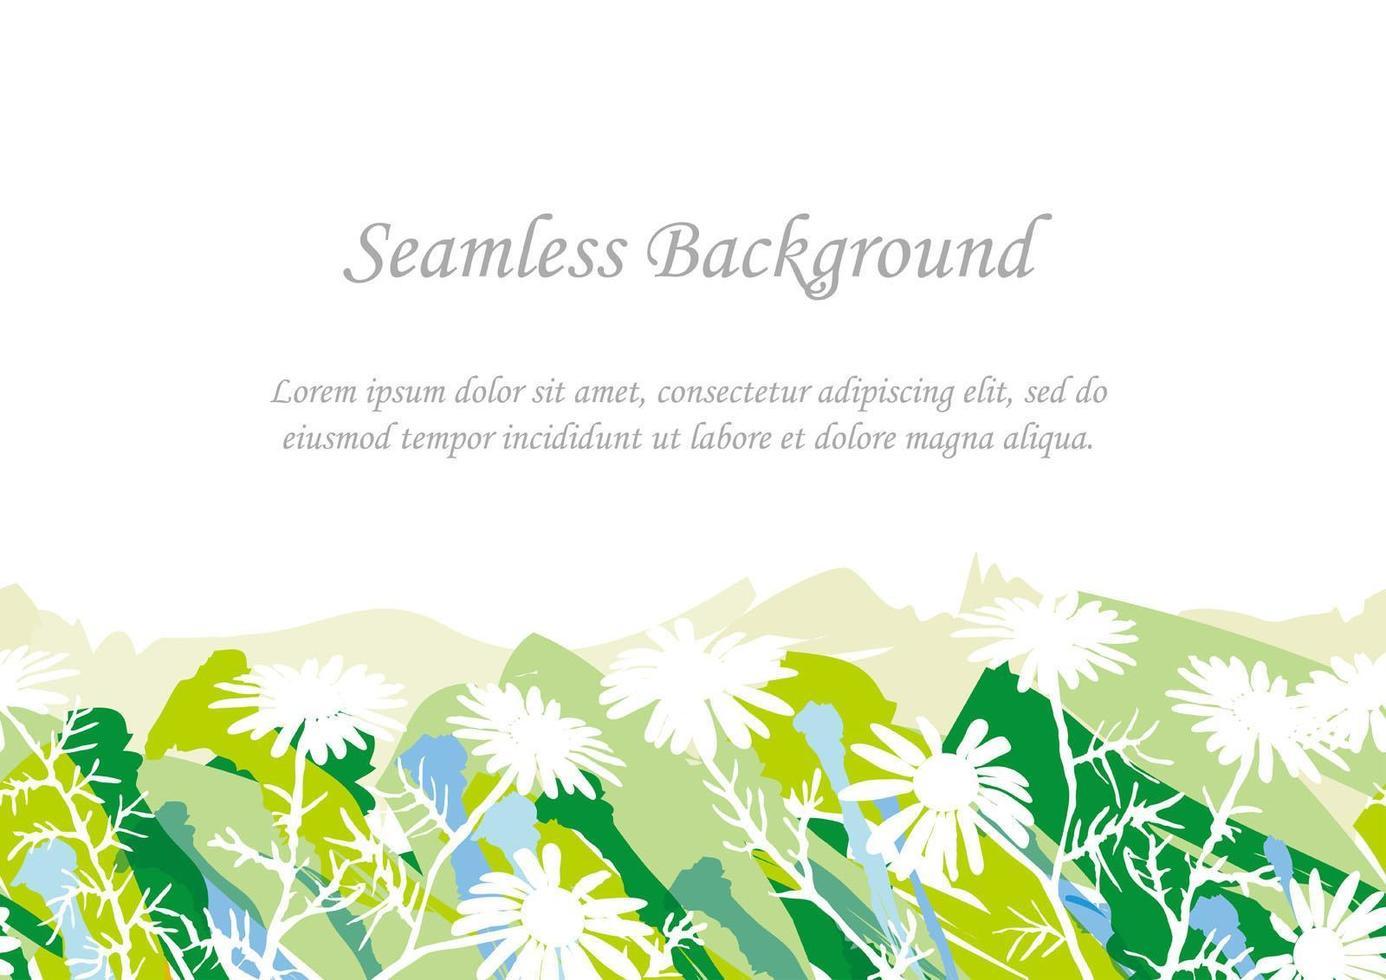 nahtloser grüner botanischer Hintergrund mit Textraum vektor